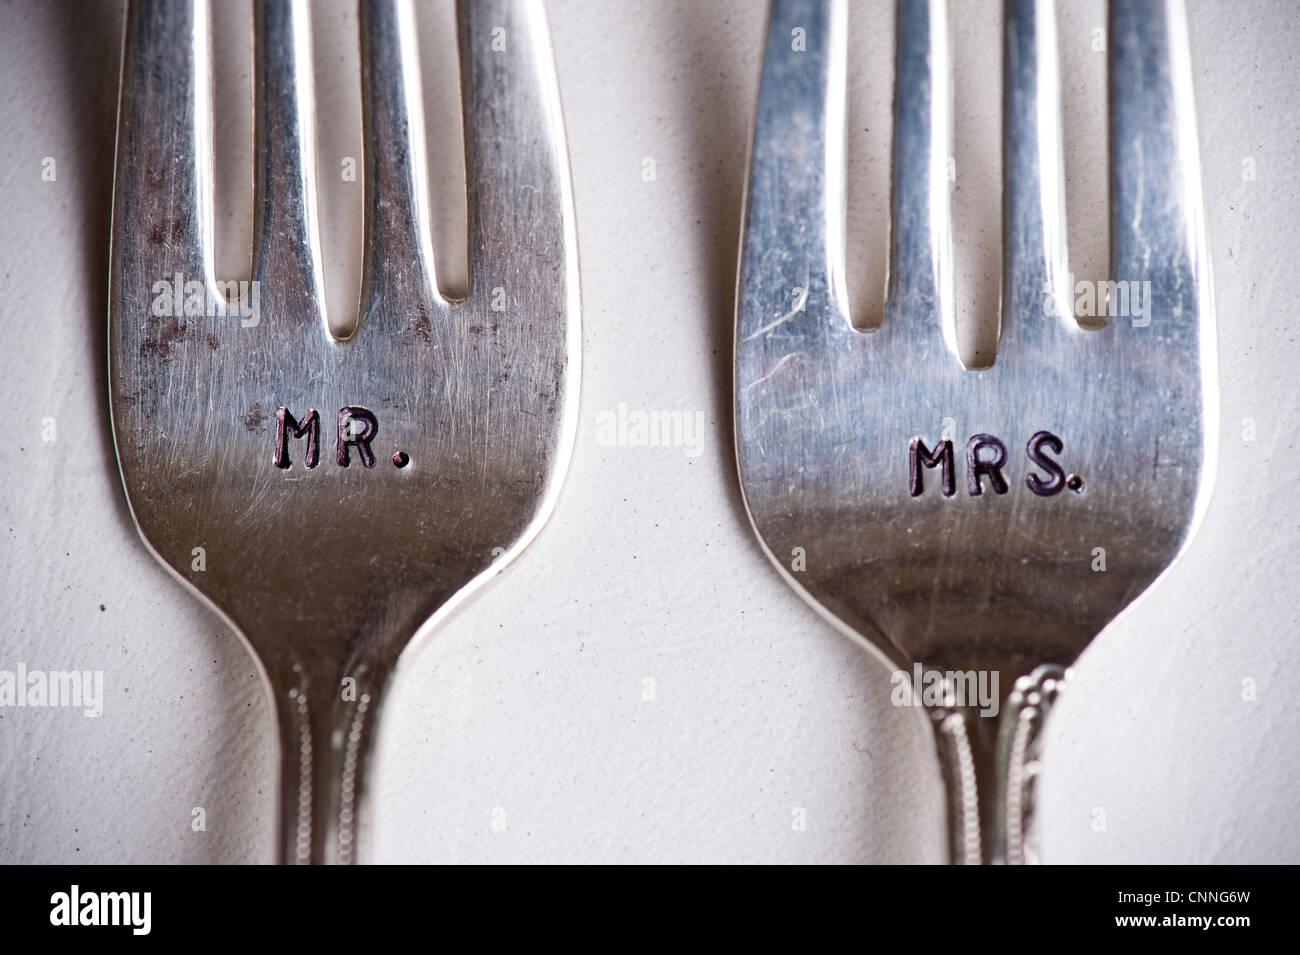 Cerca del Sr. y la Sra. Horquillas en boda, Muskoka, Ontario, Canadá Foto de stock